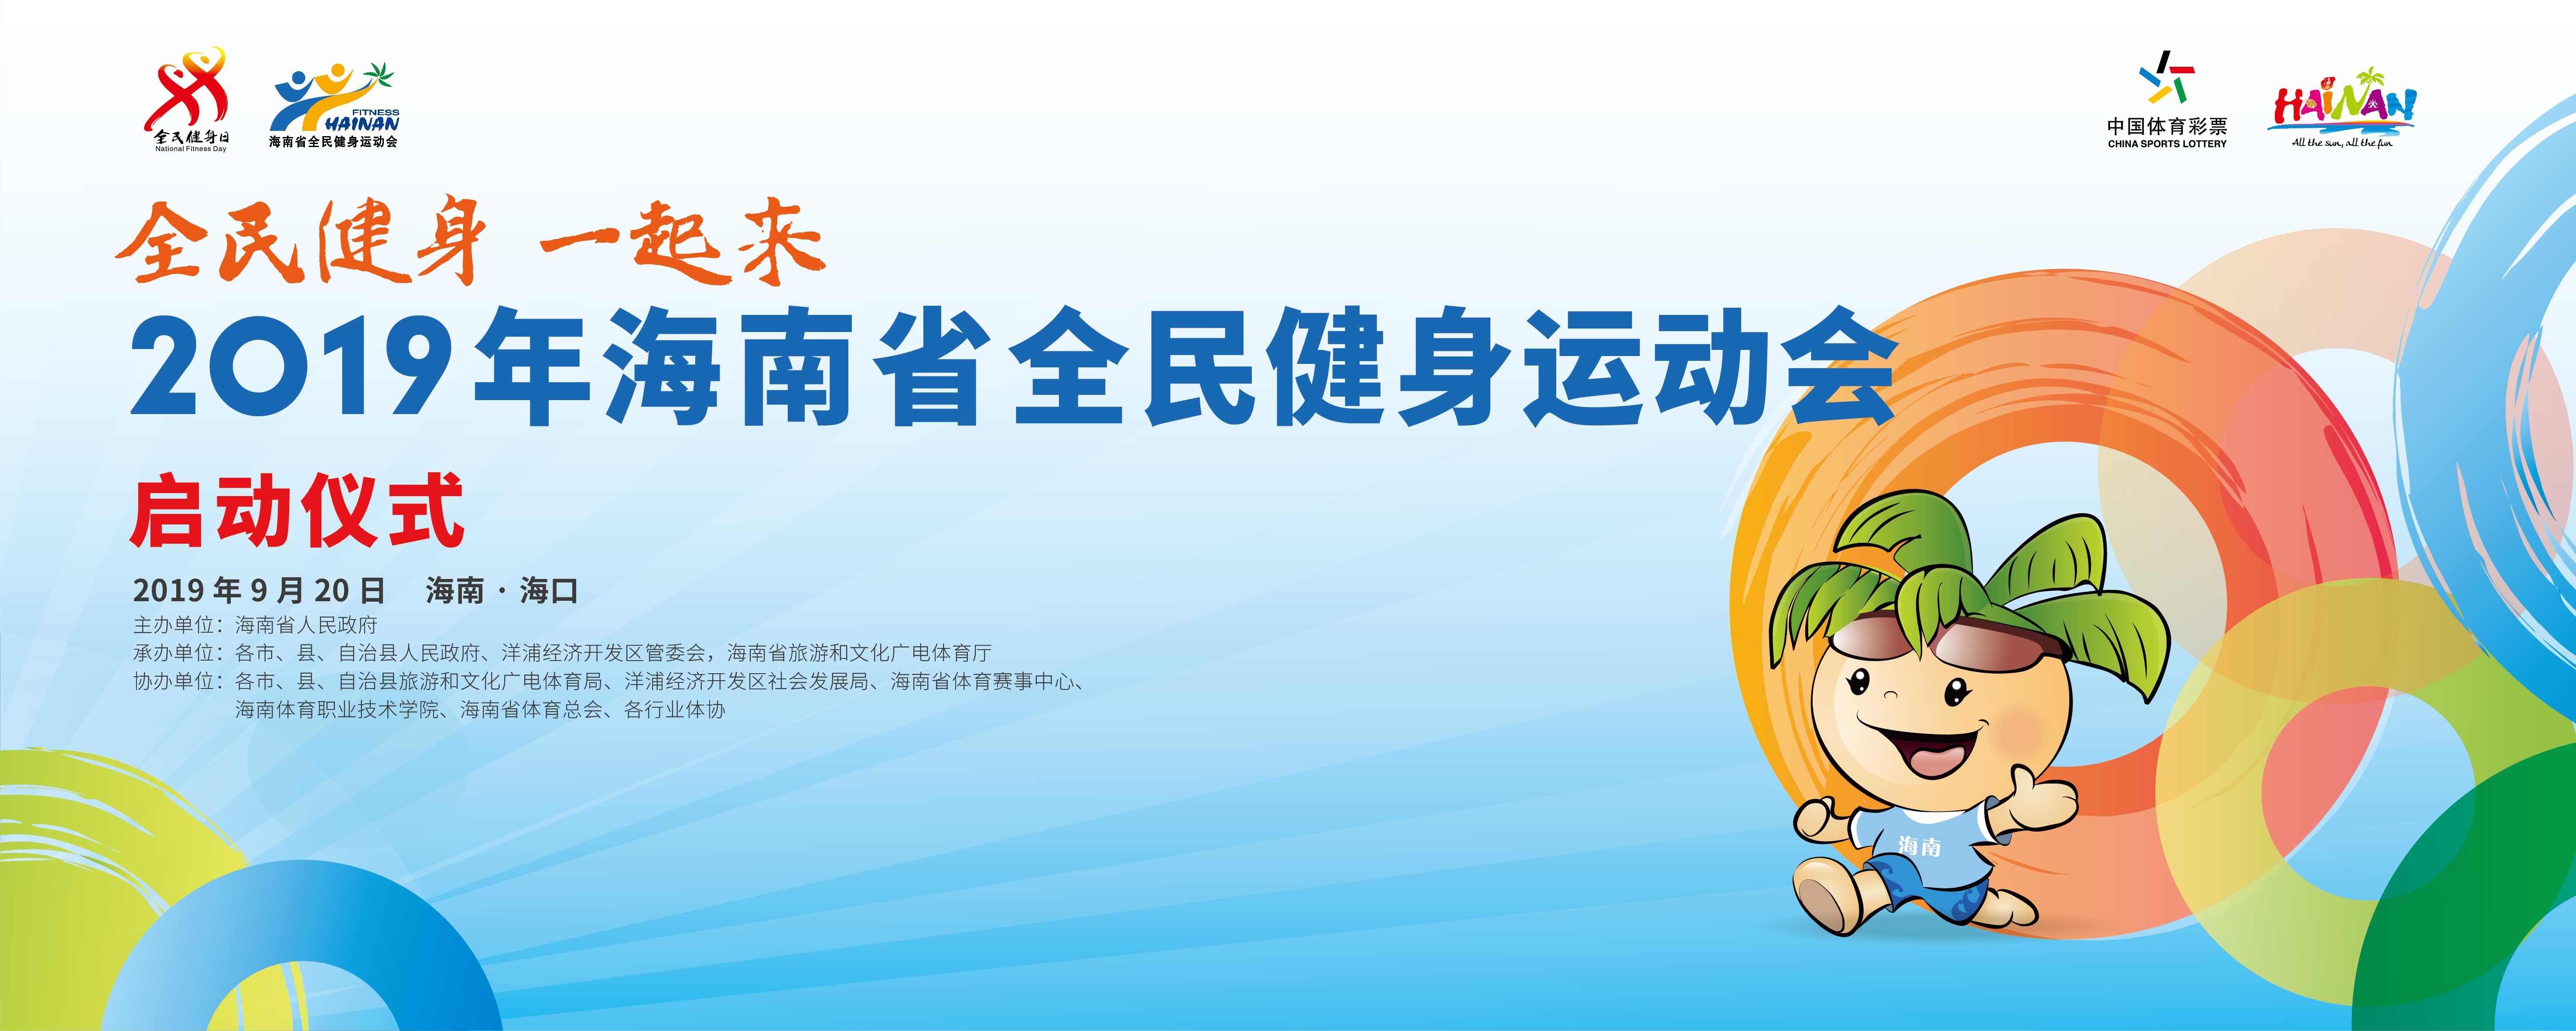 全民健身一起来!2019年海南省全民健身运动会启动仪式将于20日晚举行